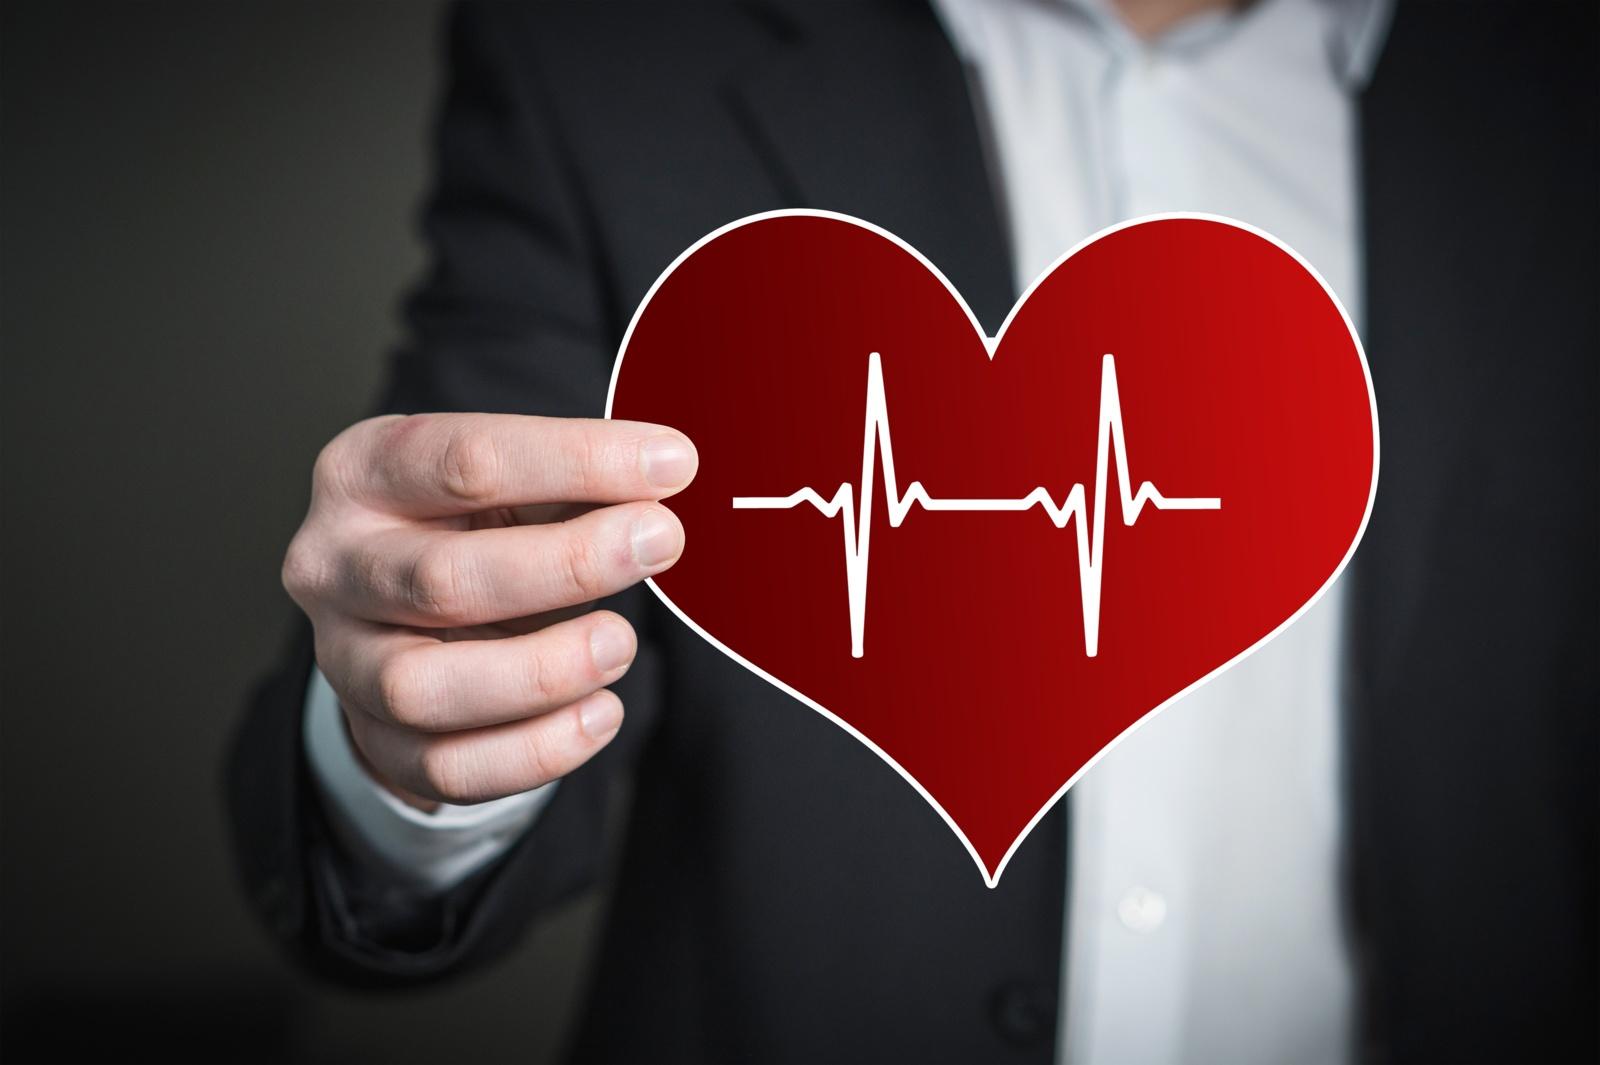 hipertenzijos priežastys 2 laipsniai jaunų į veną sergant hipertenzija